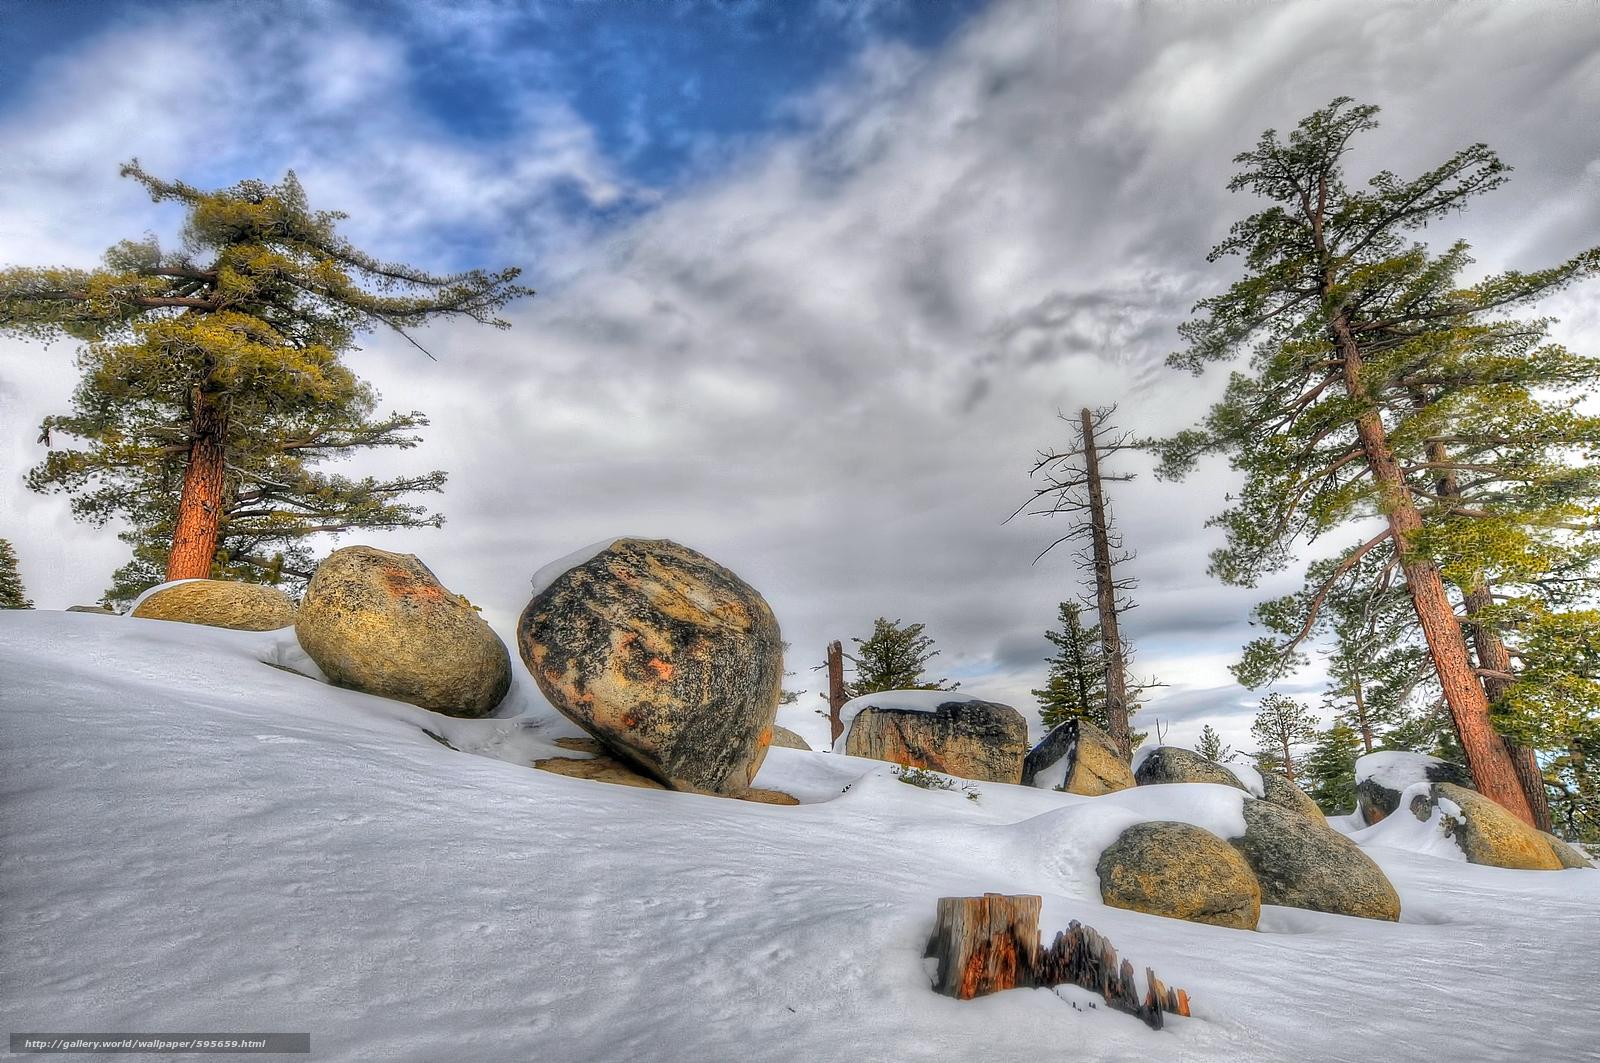 下载壁纸 冬天,  树,  石头,  景观 免费为您的桌面分辨率的壁纸 2144x1424 — 图片 №595659